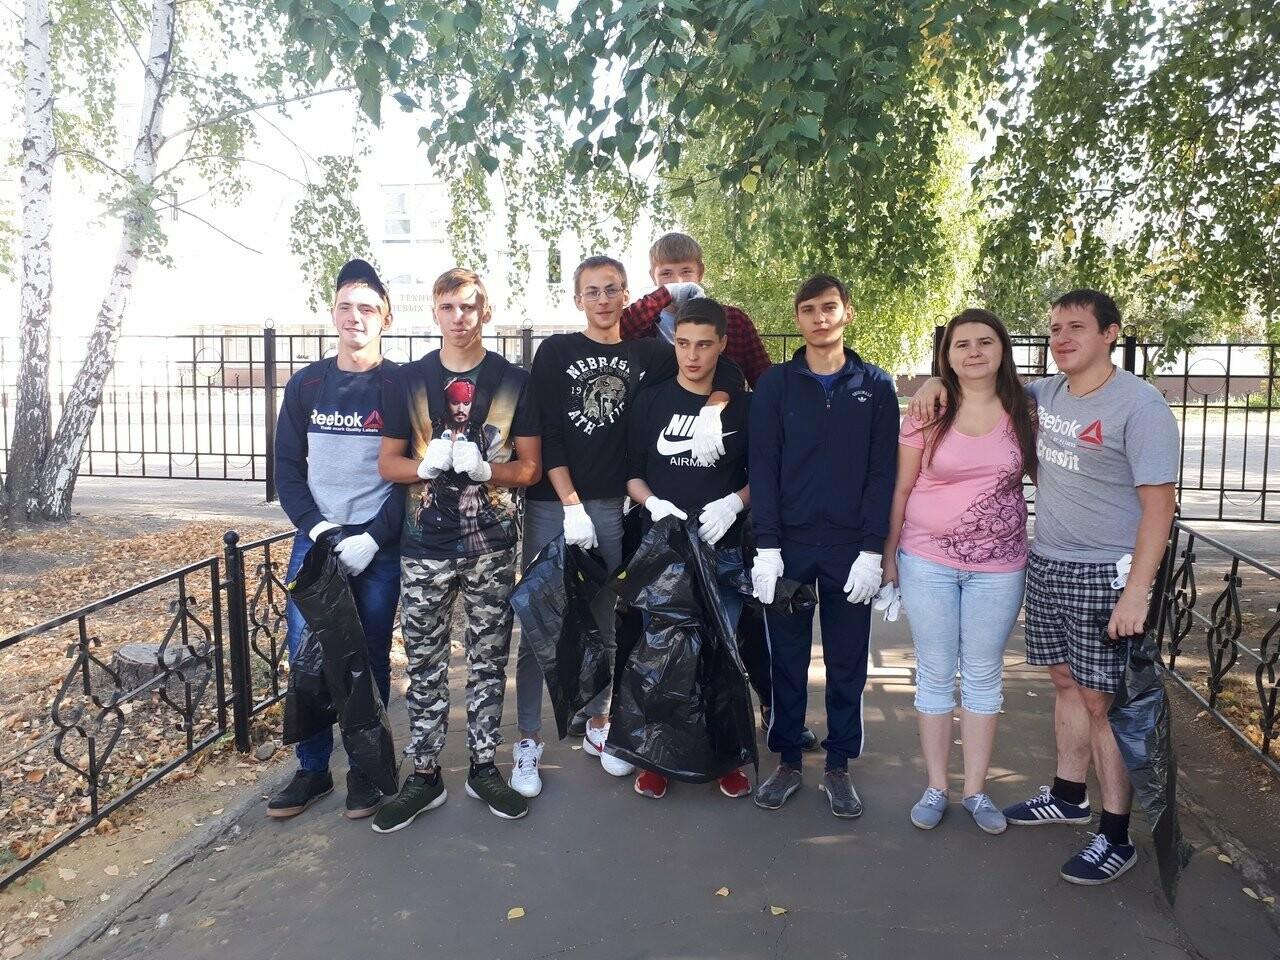 Тамбовщина отметила Всемирный день чистоты субботниками по всей области , фото-4